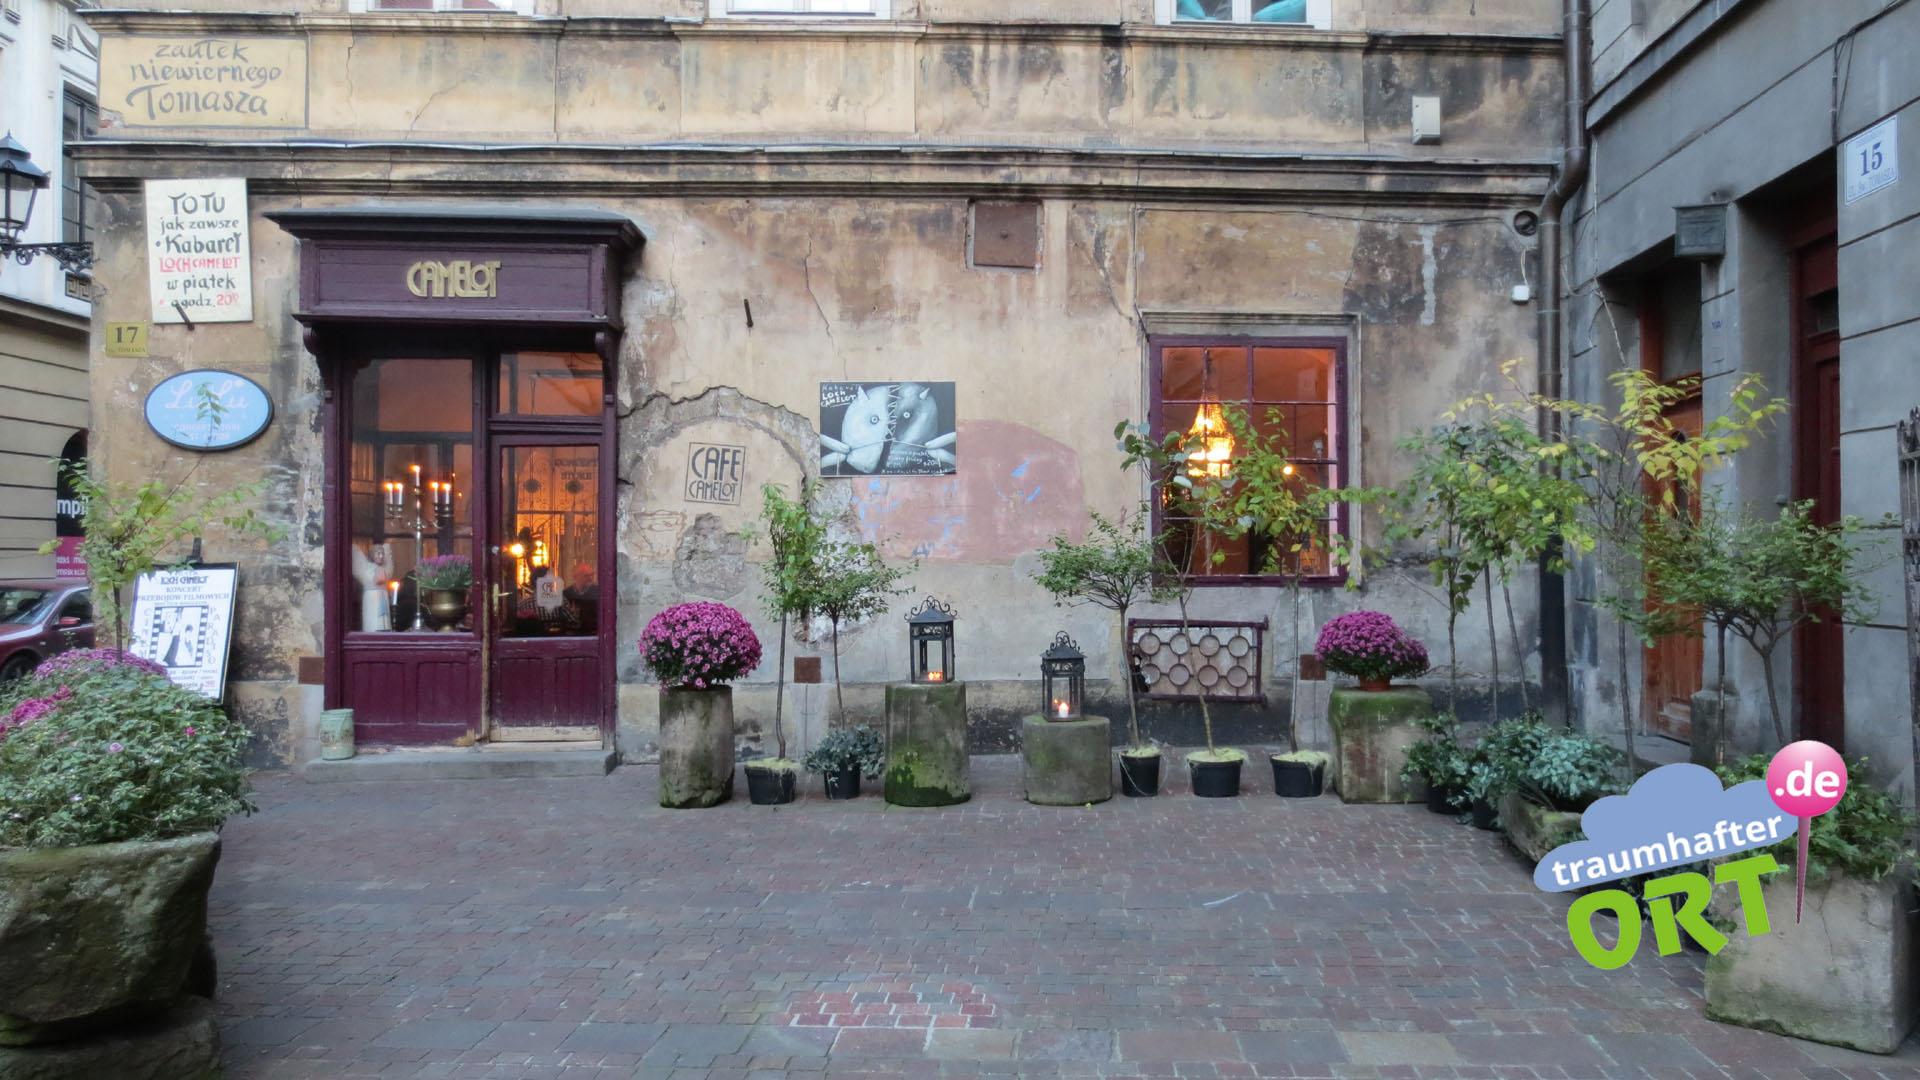 Von magischen Cafés und märchenhaften Kuchen